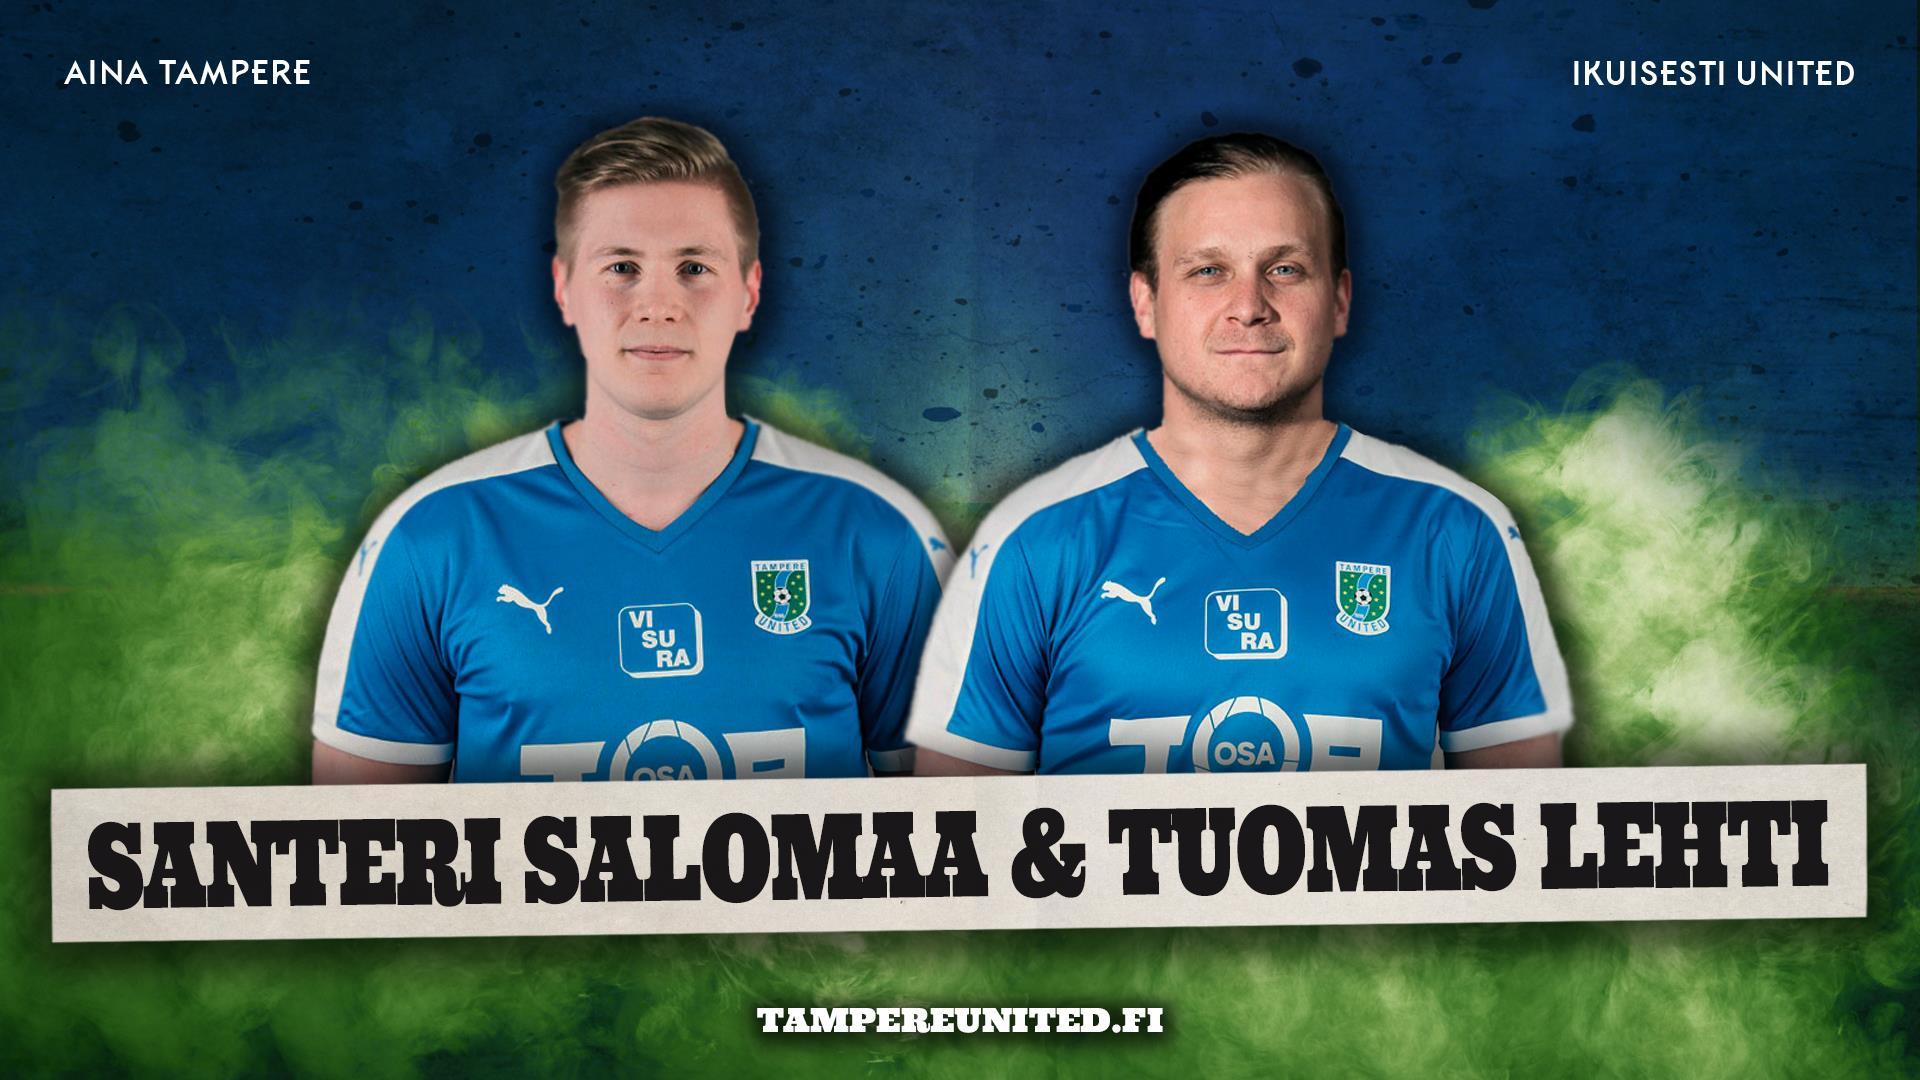 Santeri Salomaa ja Tuomas Lehti jatkosopimuksiin -uutiskuva